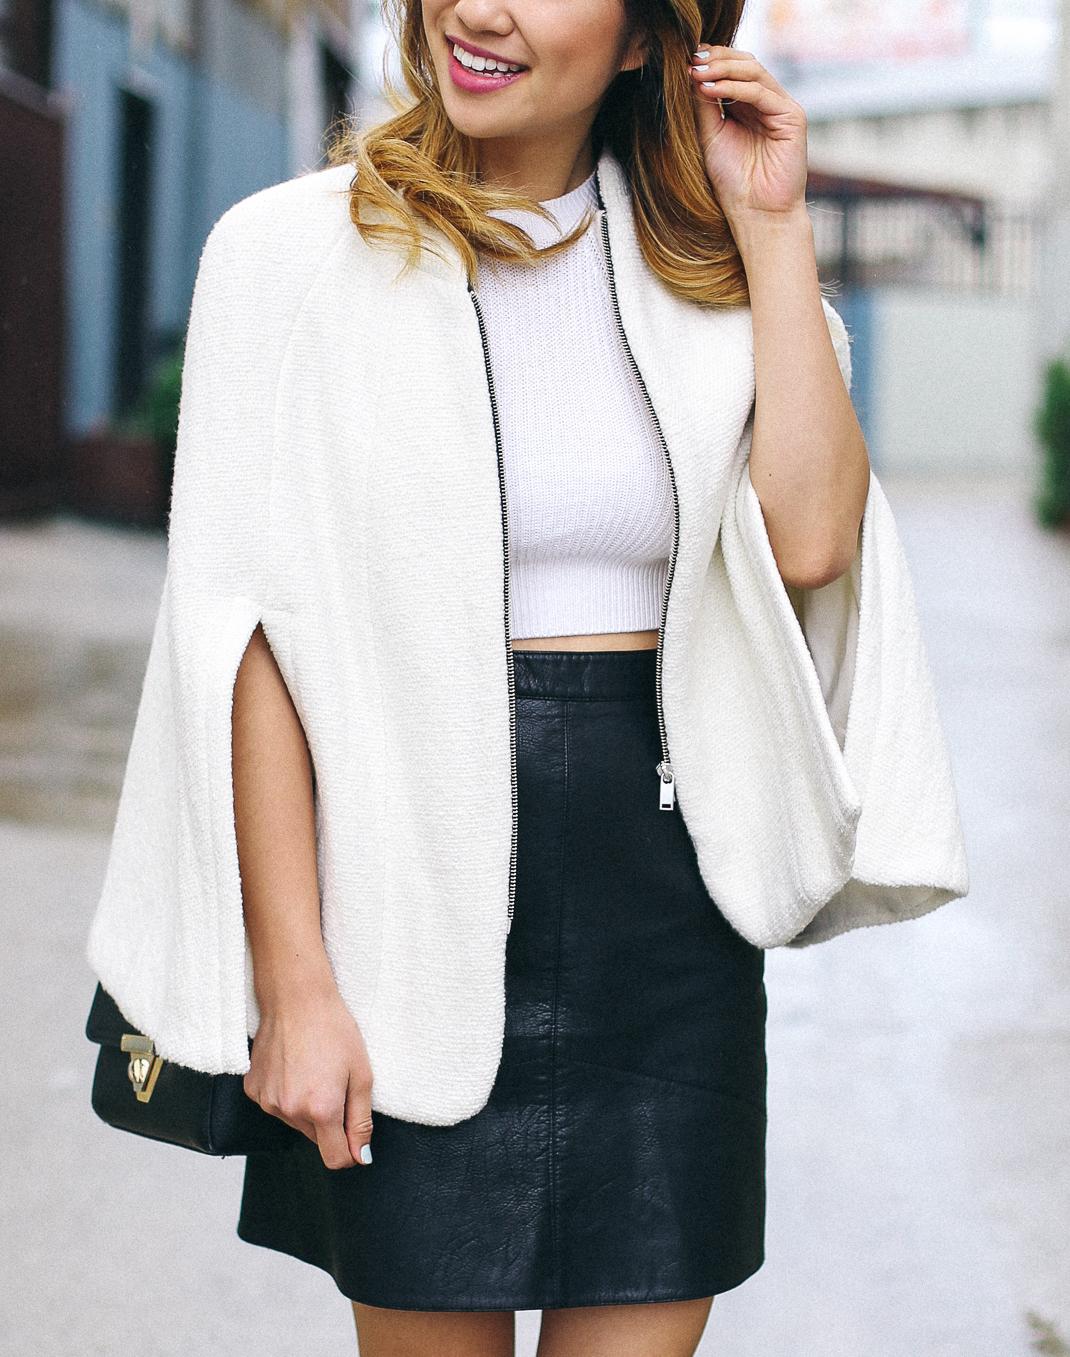 Ally-Chen-Black-Skirt-White-Cape-Jacket-1722.jpg